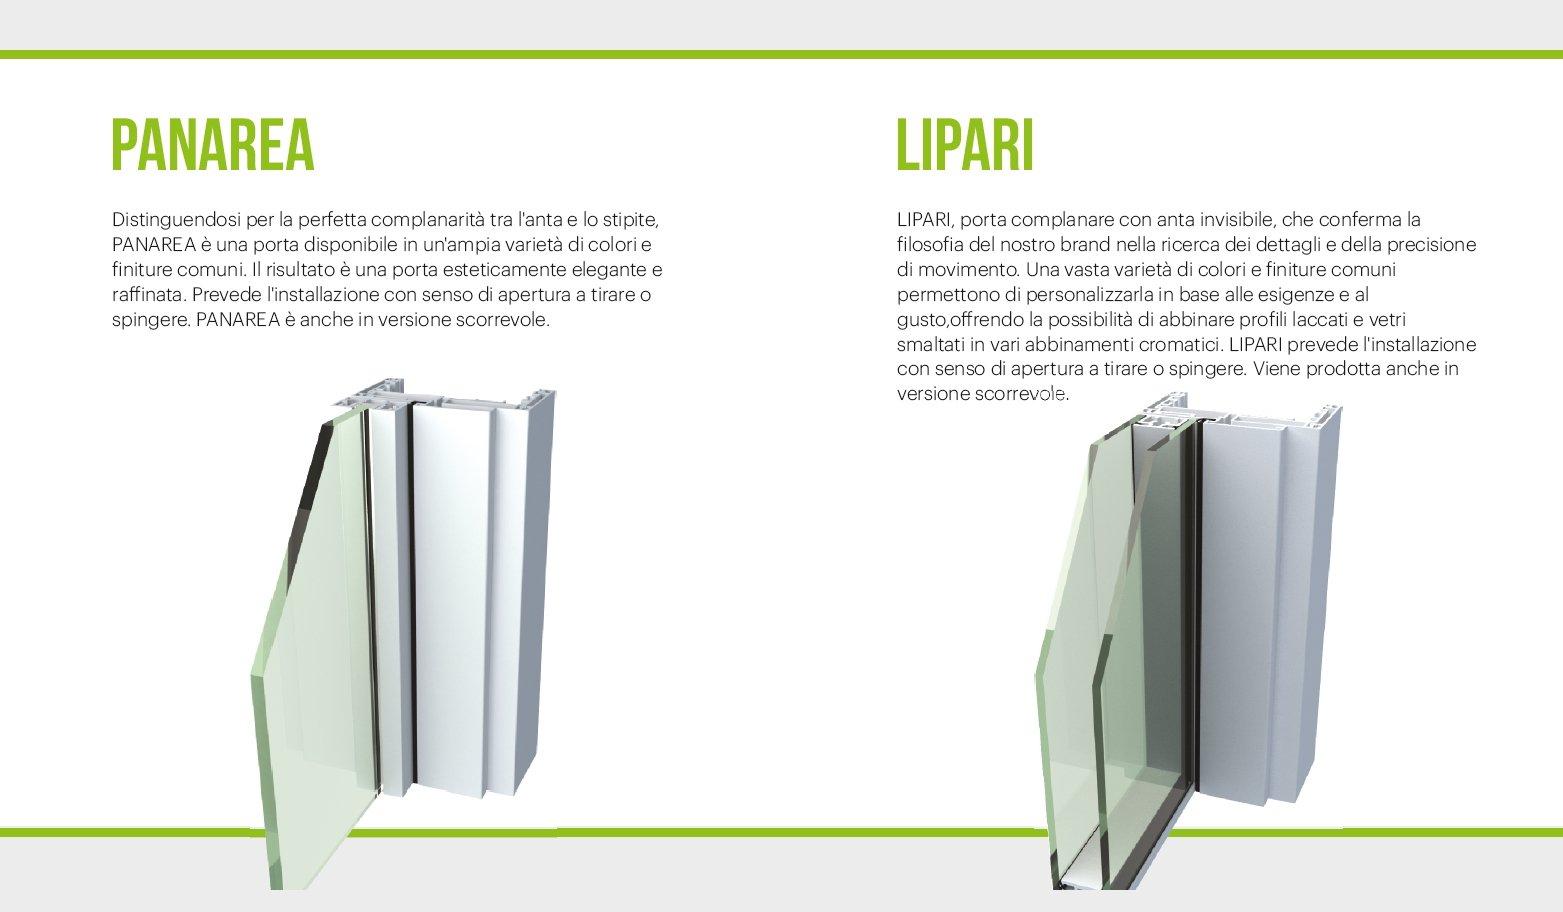 catalogo prodotti-PANAREA-LIPARI